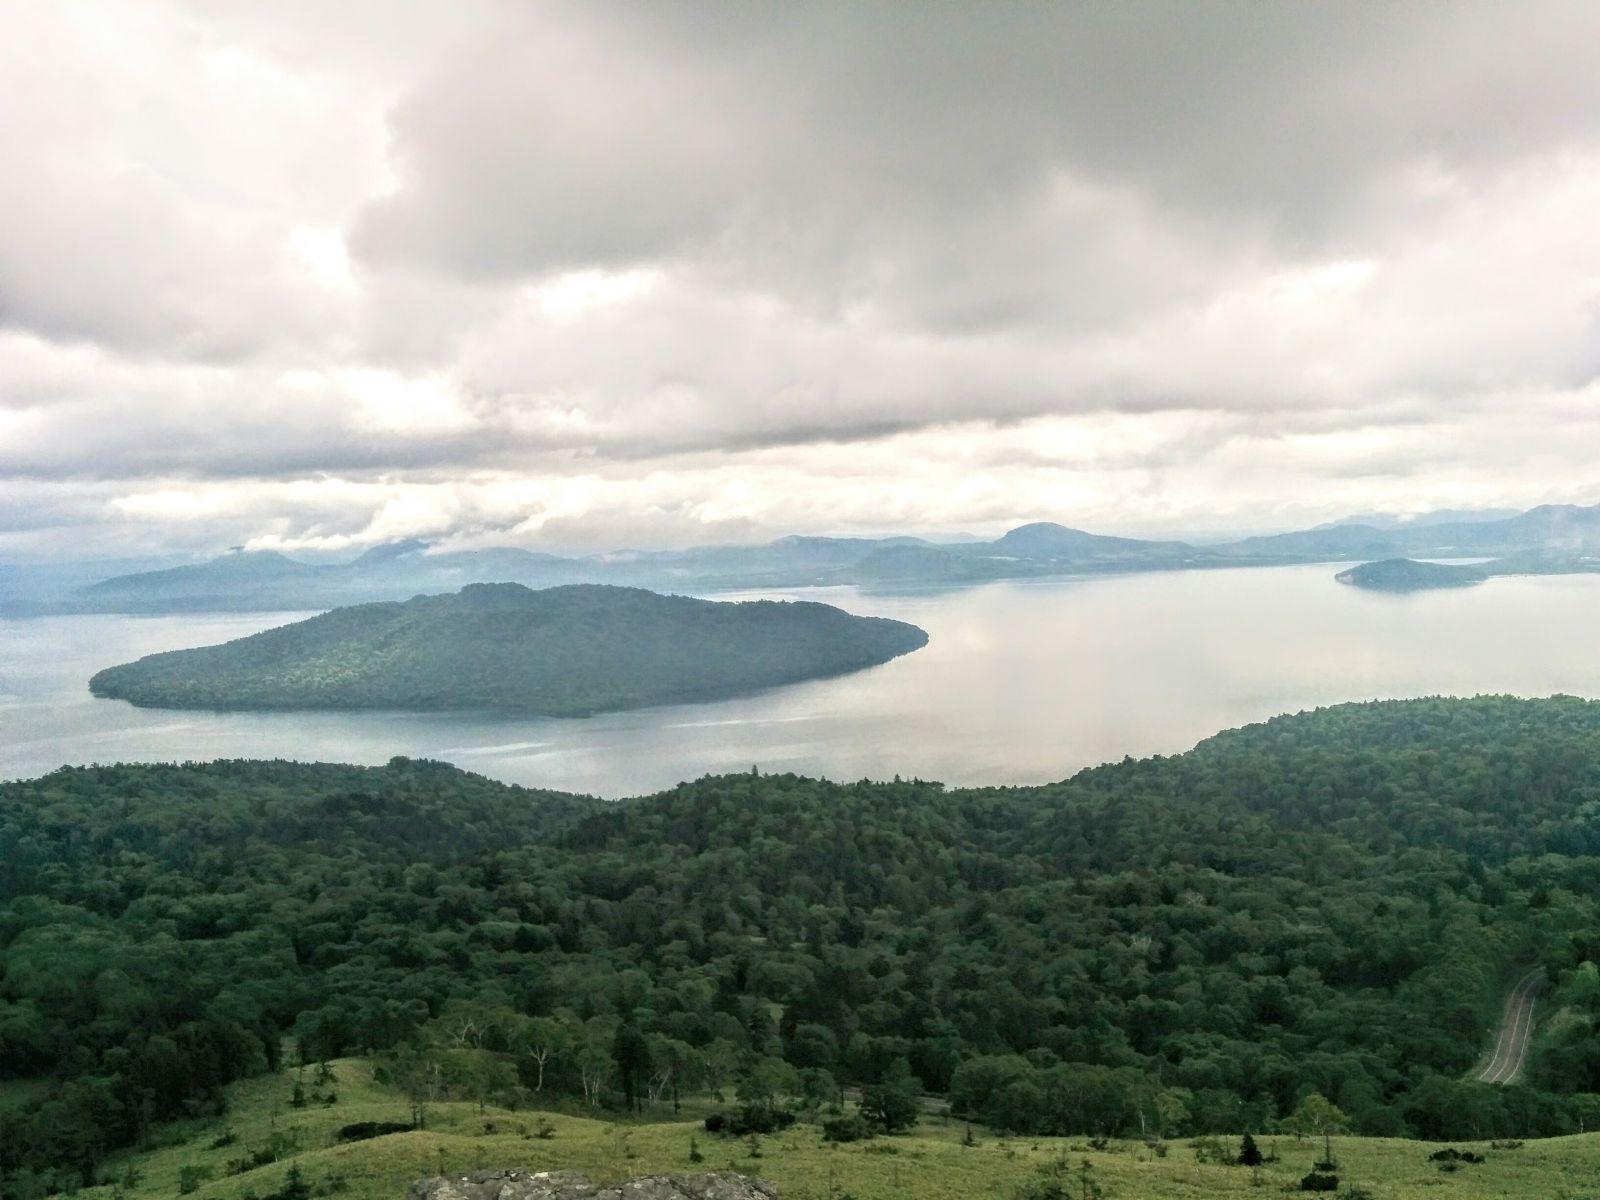 【屈斜路湖】屈斜路湖観光案内です。